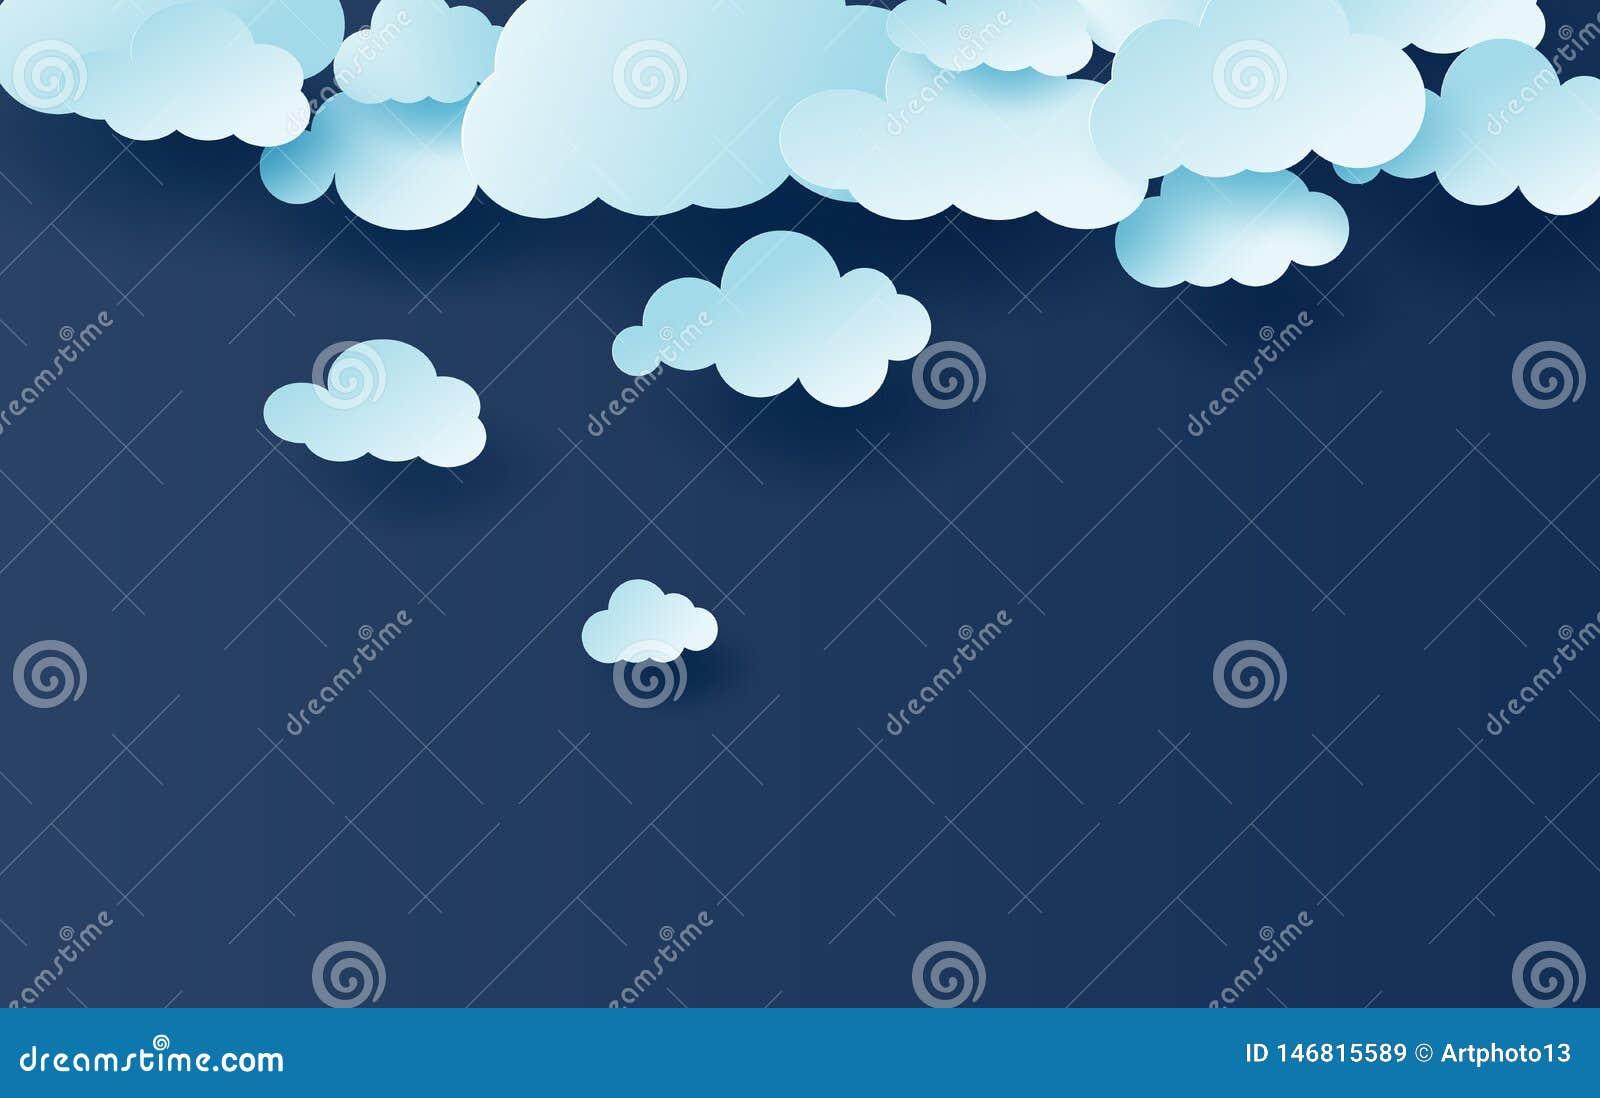 3D-Abbildung eines hellblauen Himmelswolkenmusters Kreatives Design einfach mit Cudscape-Papier geschnitten Digitale Papierkunst